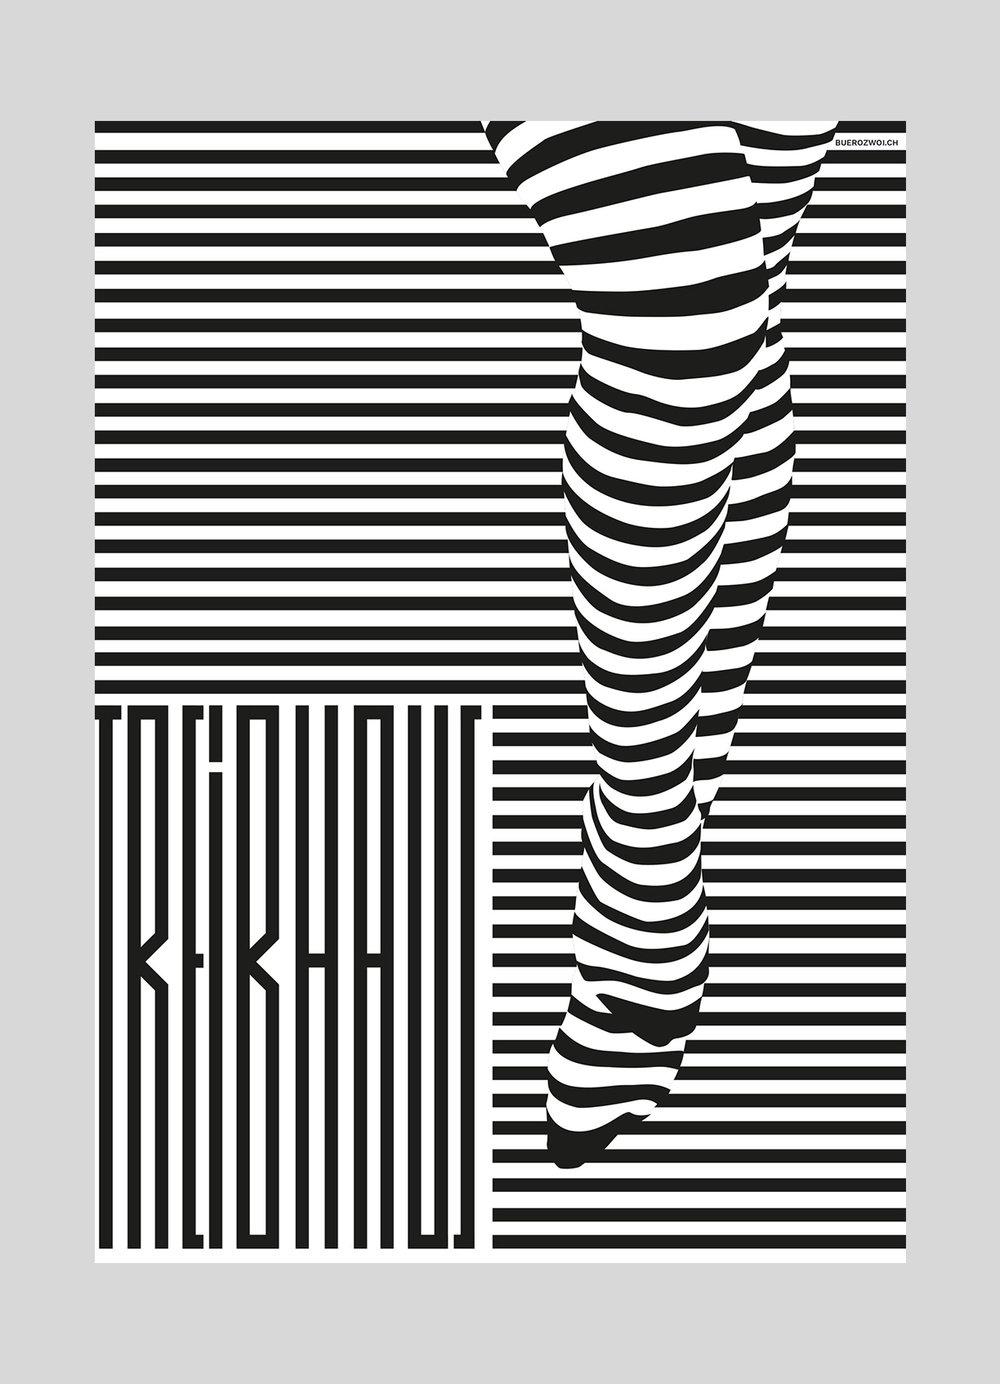 Treibhaus Luzern – Monatsplakat Juni |2016  Jugendhaus Luzern, Plakate jeweils von verschiedenen Grafikern gestaltet.